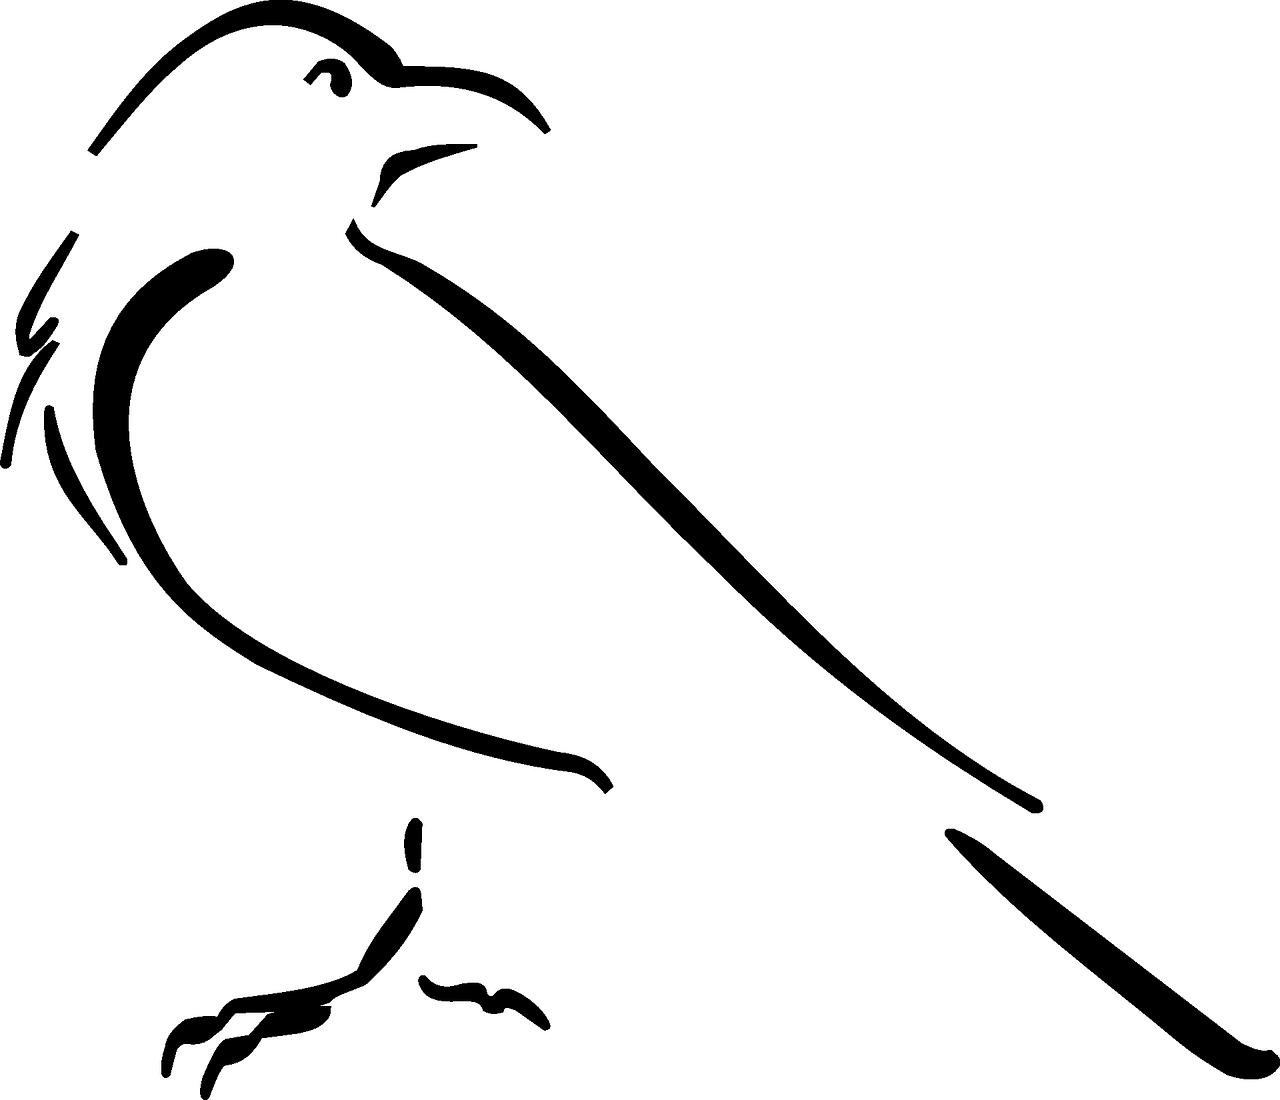 Free image on pixabay. Clipart bird doodle